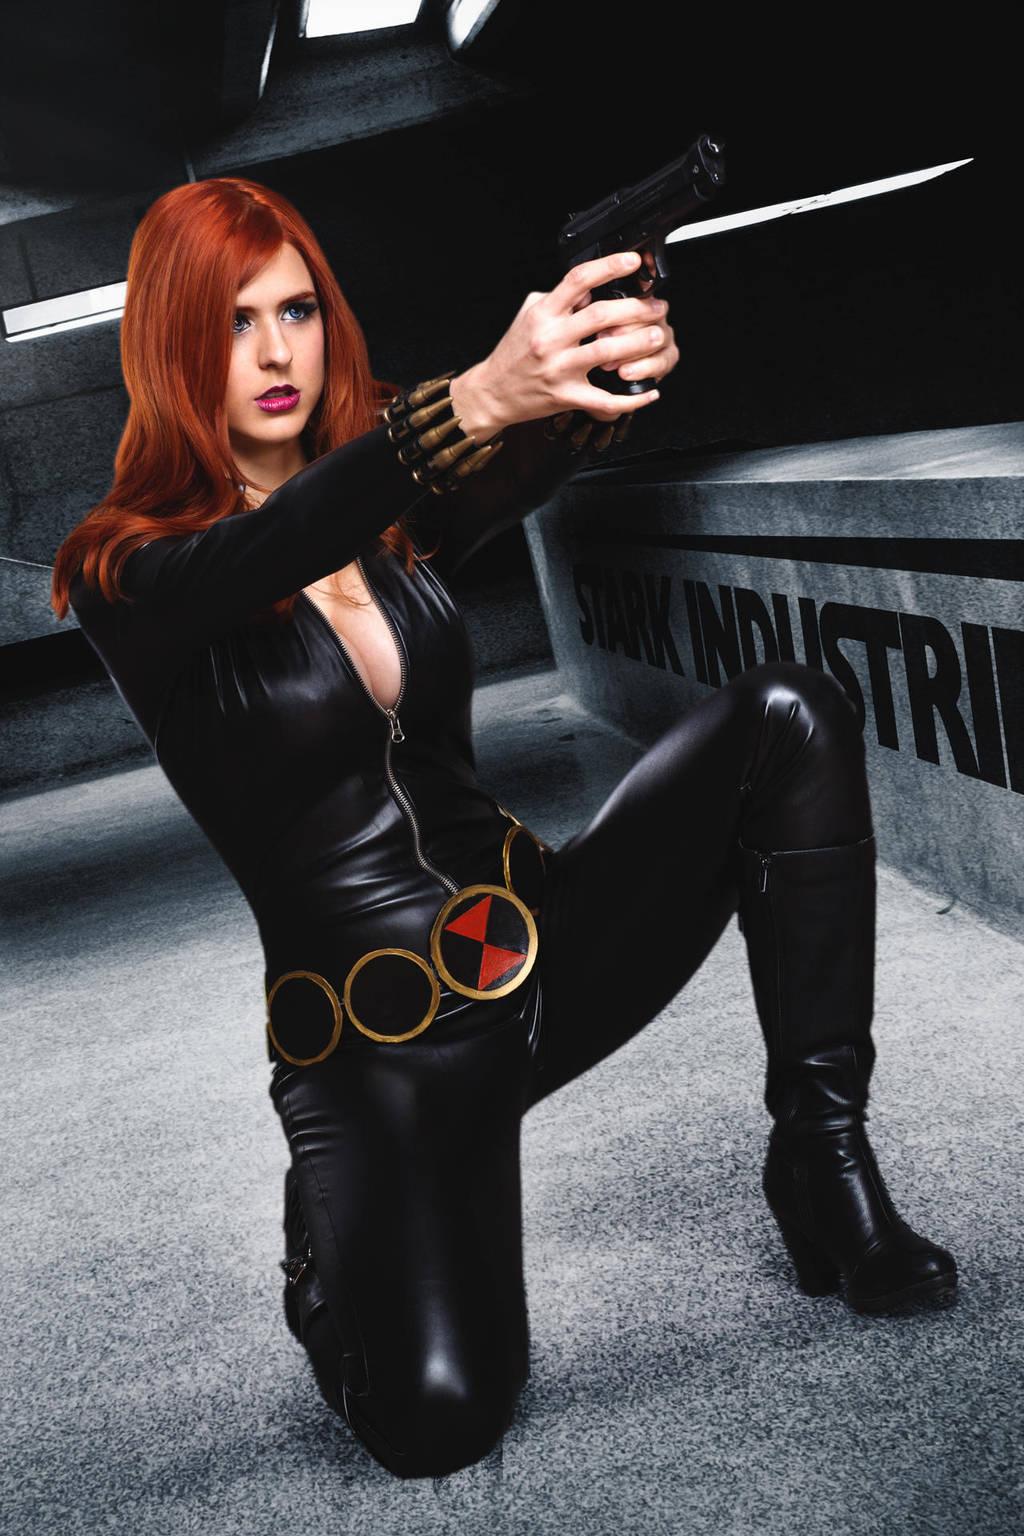 Nữ anh hùng áo đen Black Window cầm súng siêu cool - Hình 1